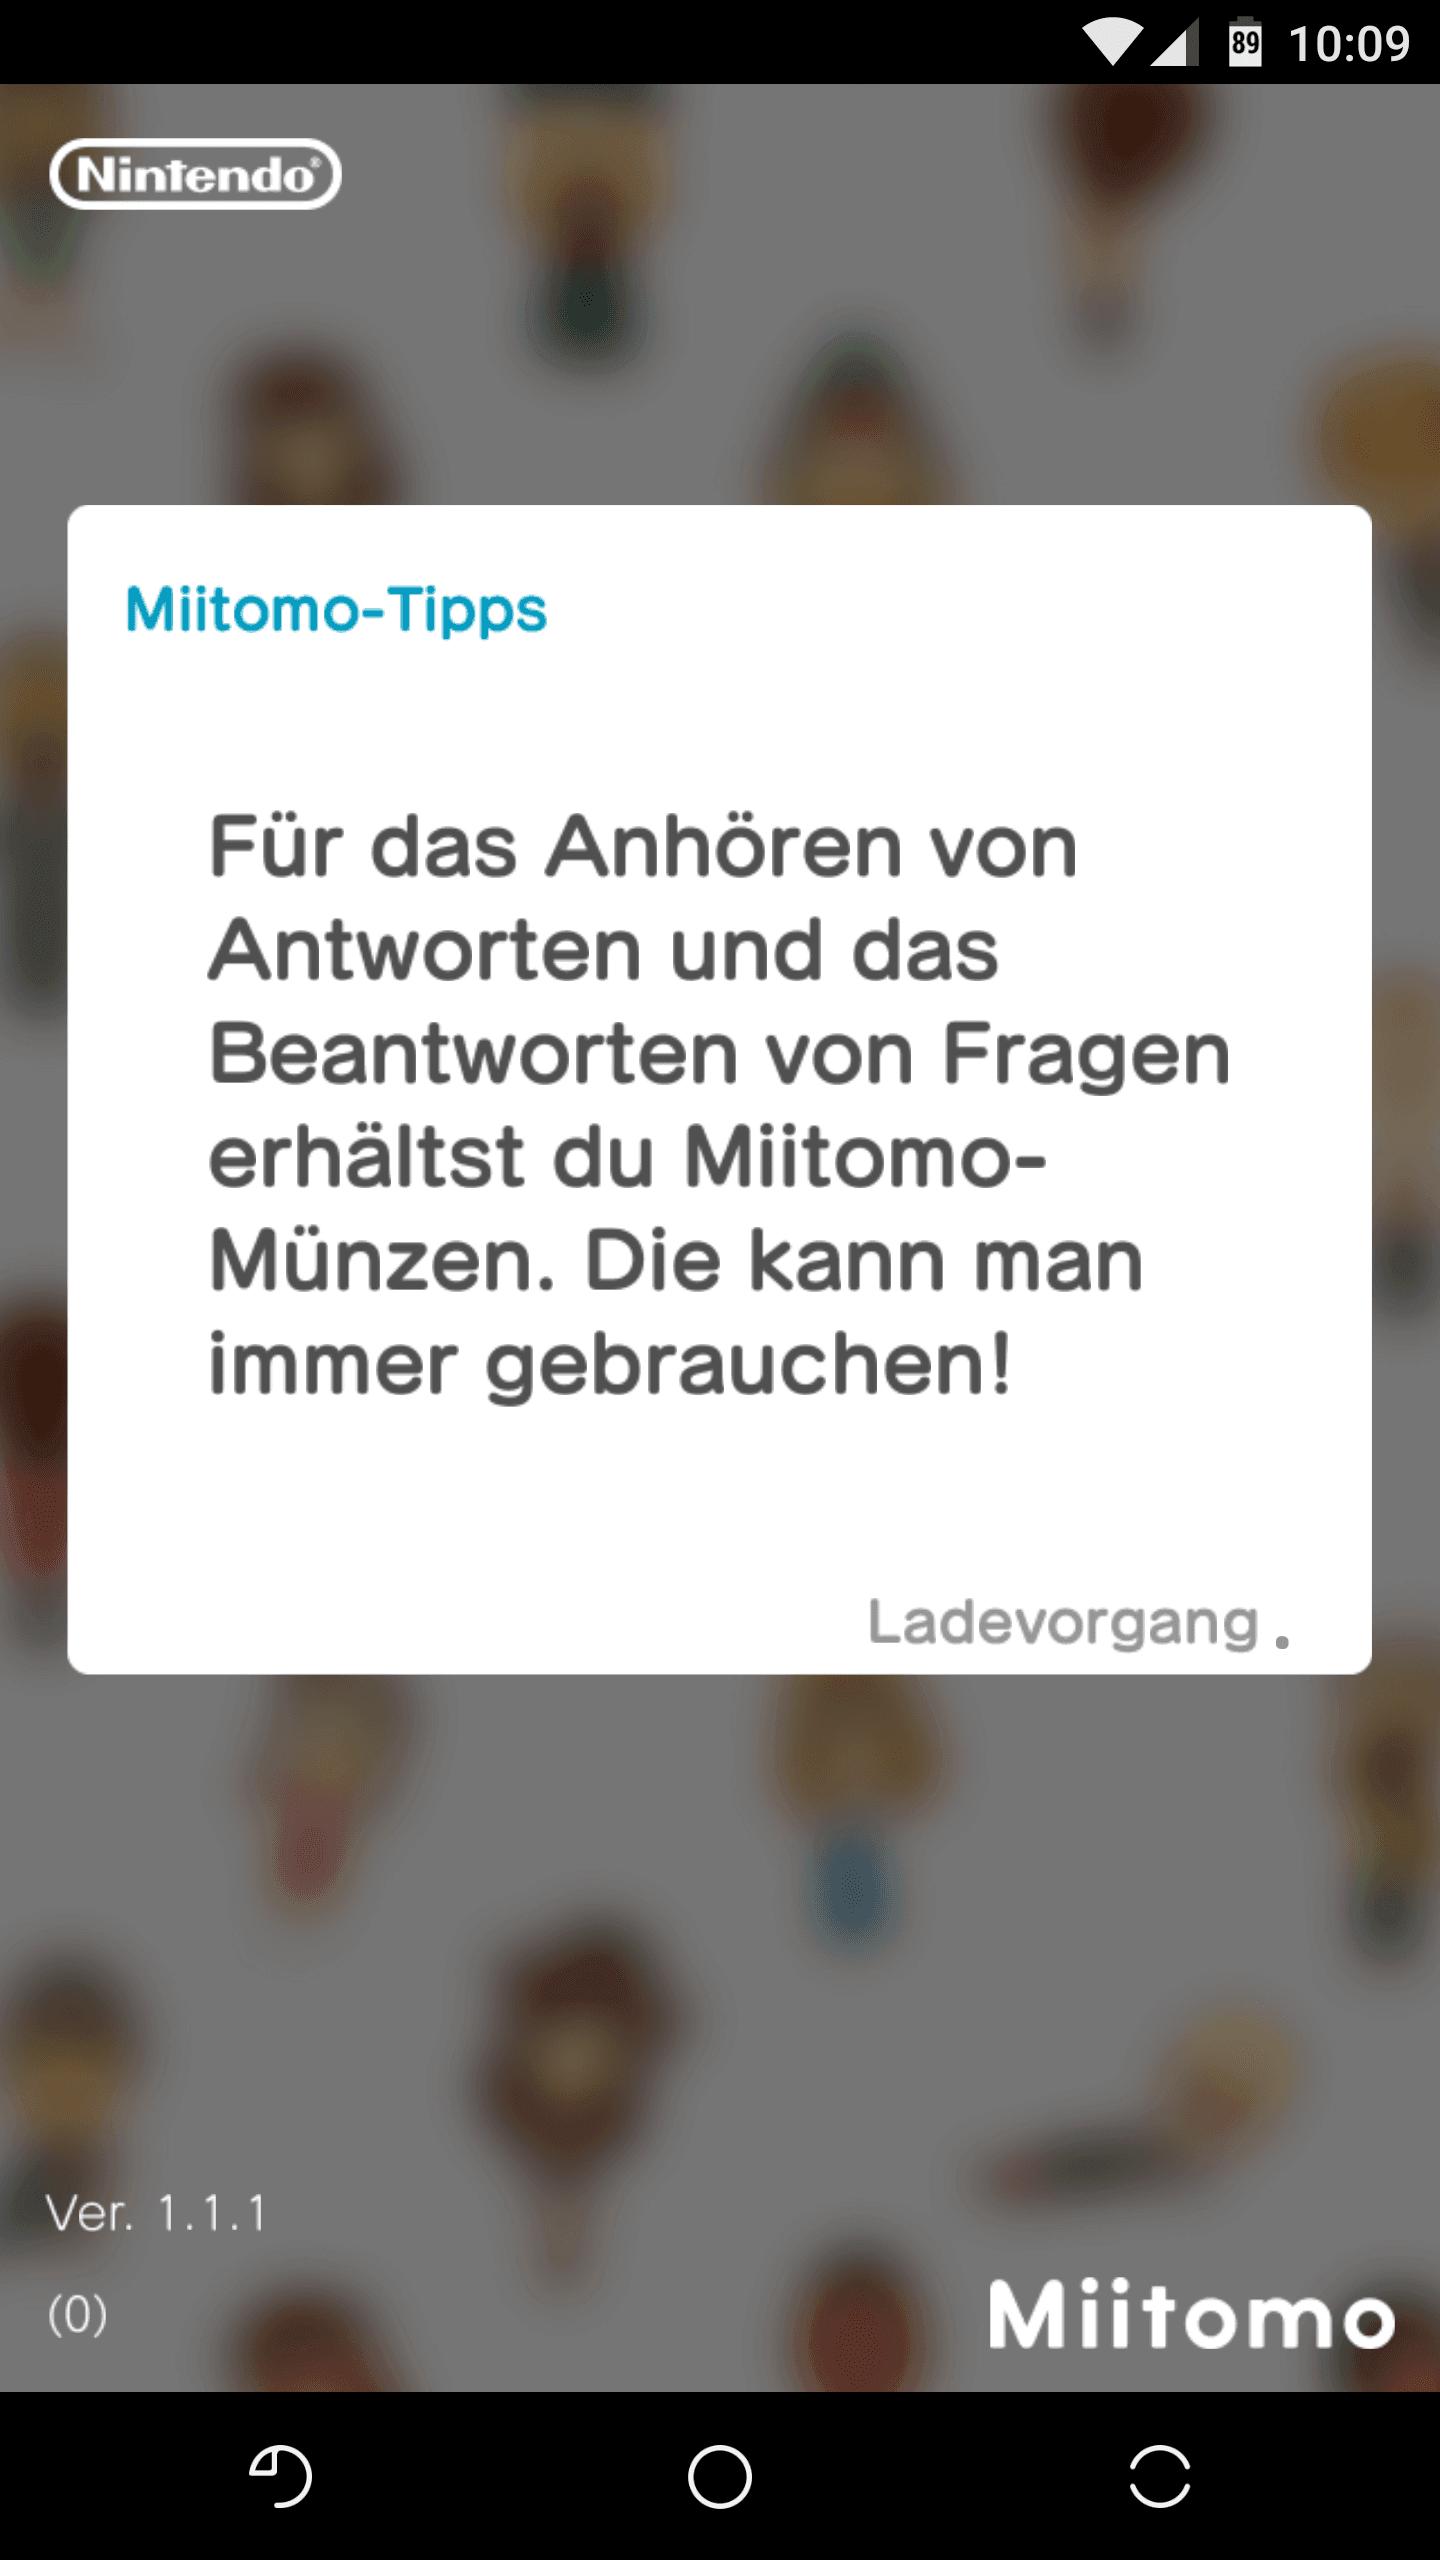 Miitomo – Nintendos erste App für Android und iOS mag weder Root noch Jailbreak! 10 morethanandroid.de Miitomo – Nintendos erste App für Android und iOS mag weder Root noch Jailbreak!